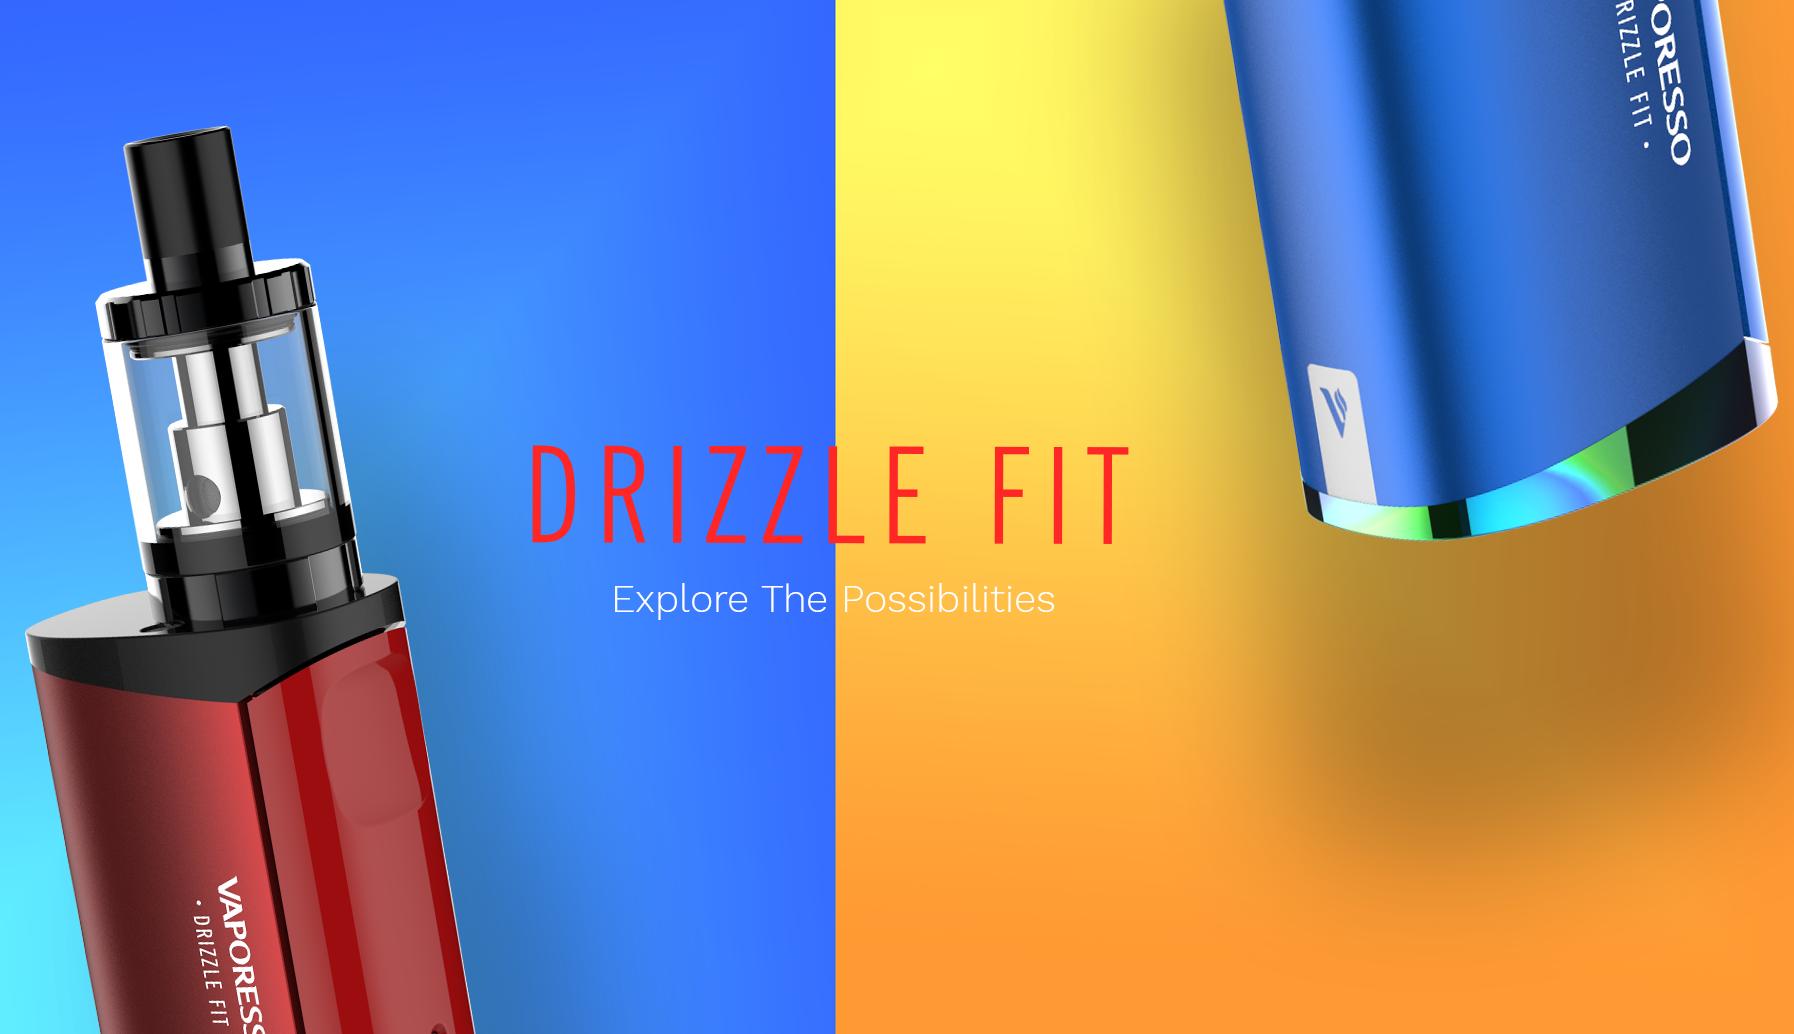 Drizzle Fit Kit